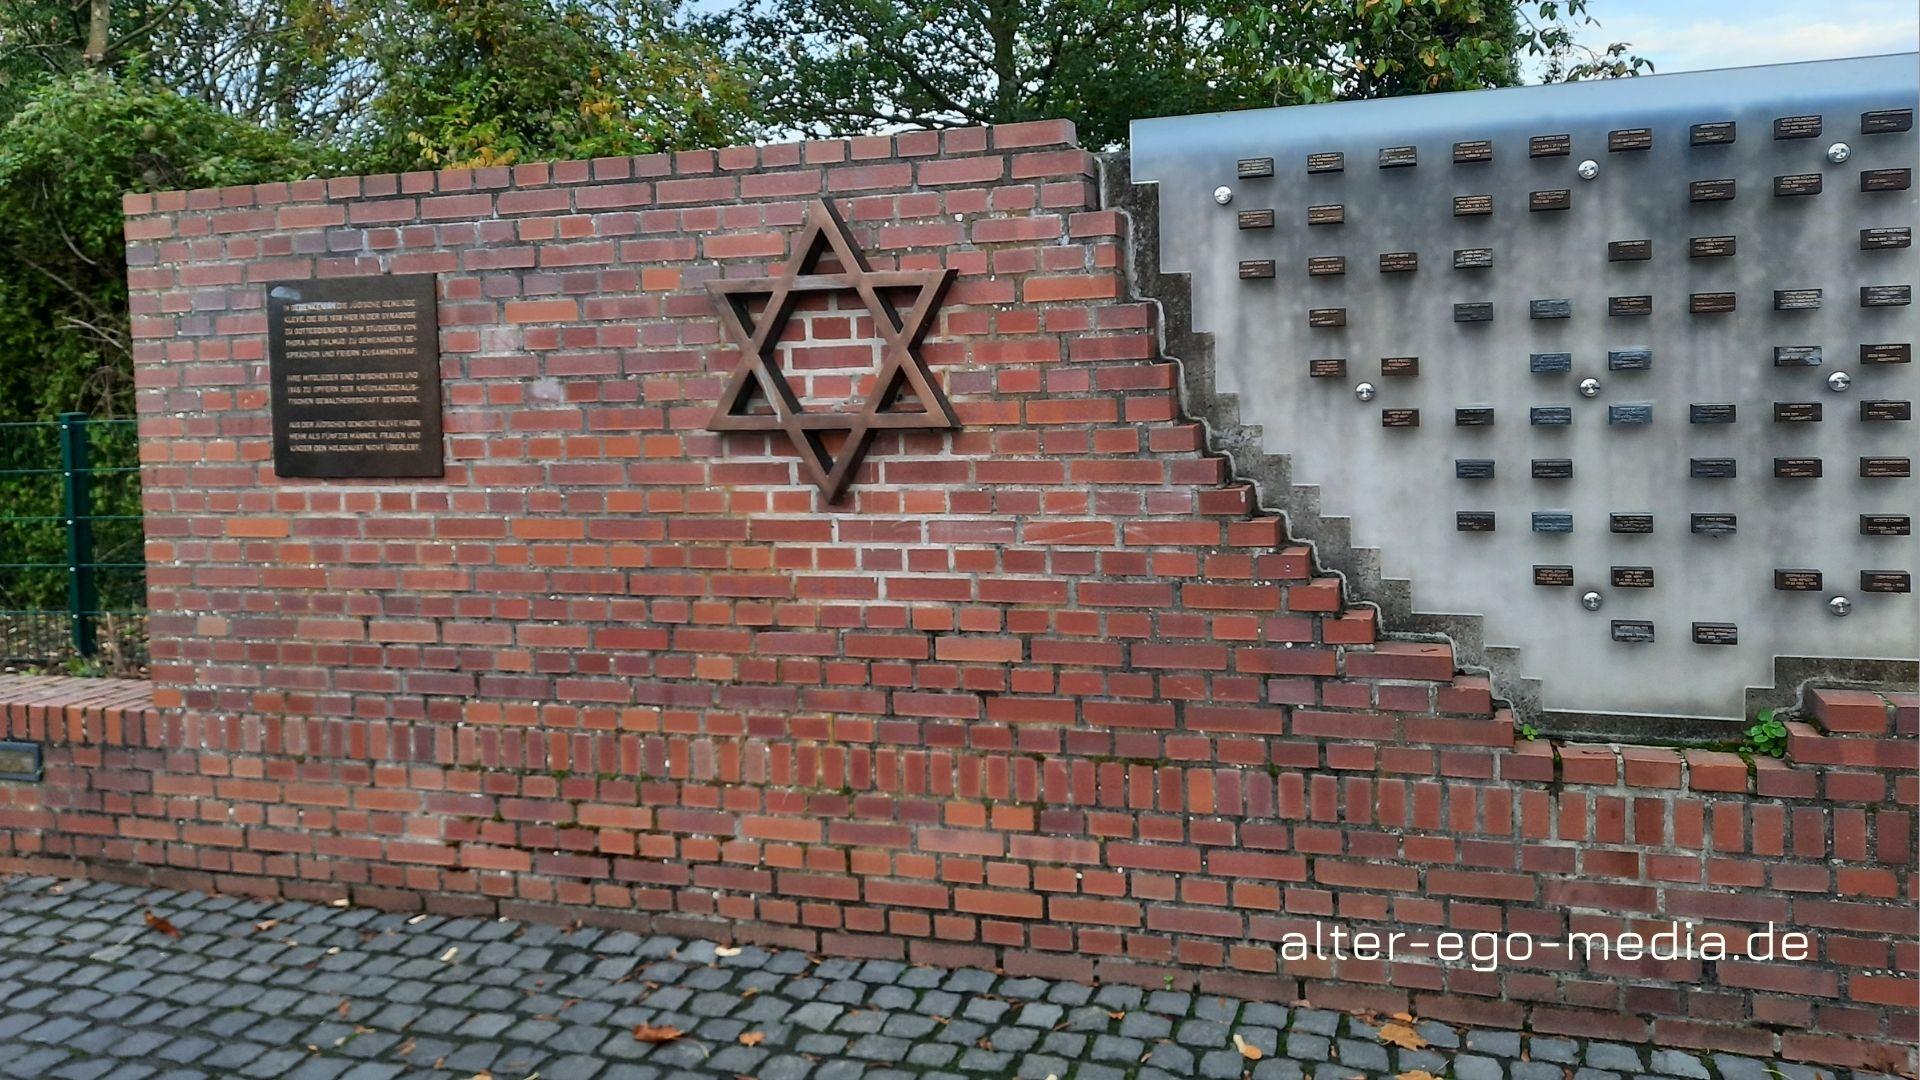 Мемориал в Клеве погибшим евреям